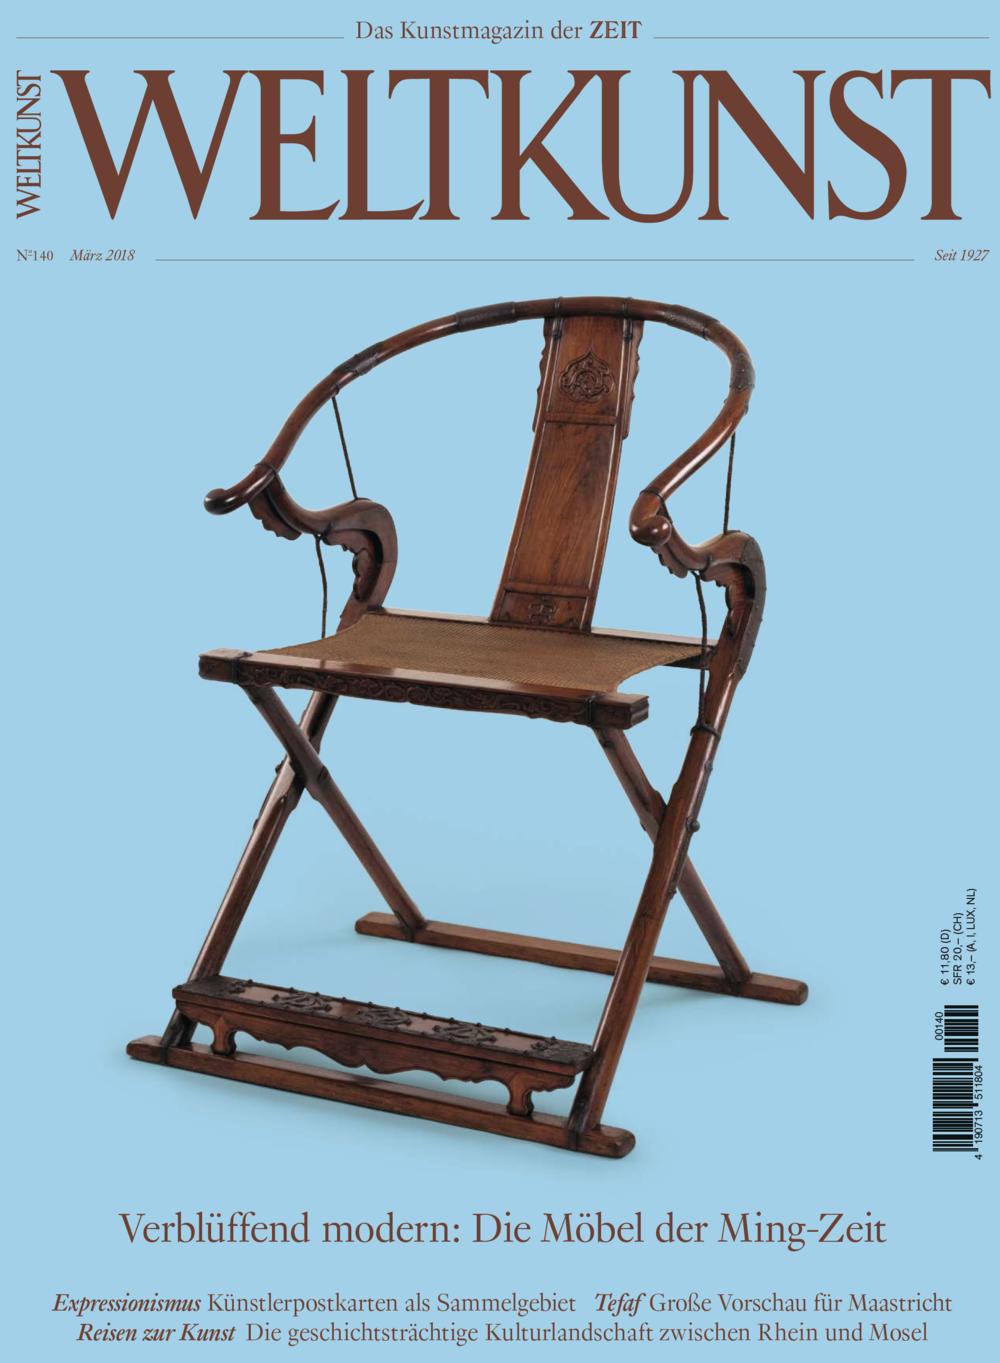 presse_2018_welkunst